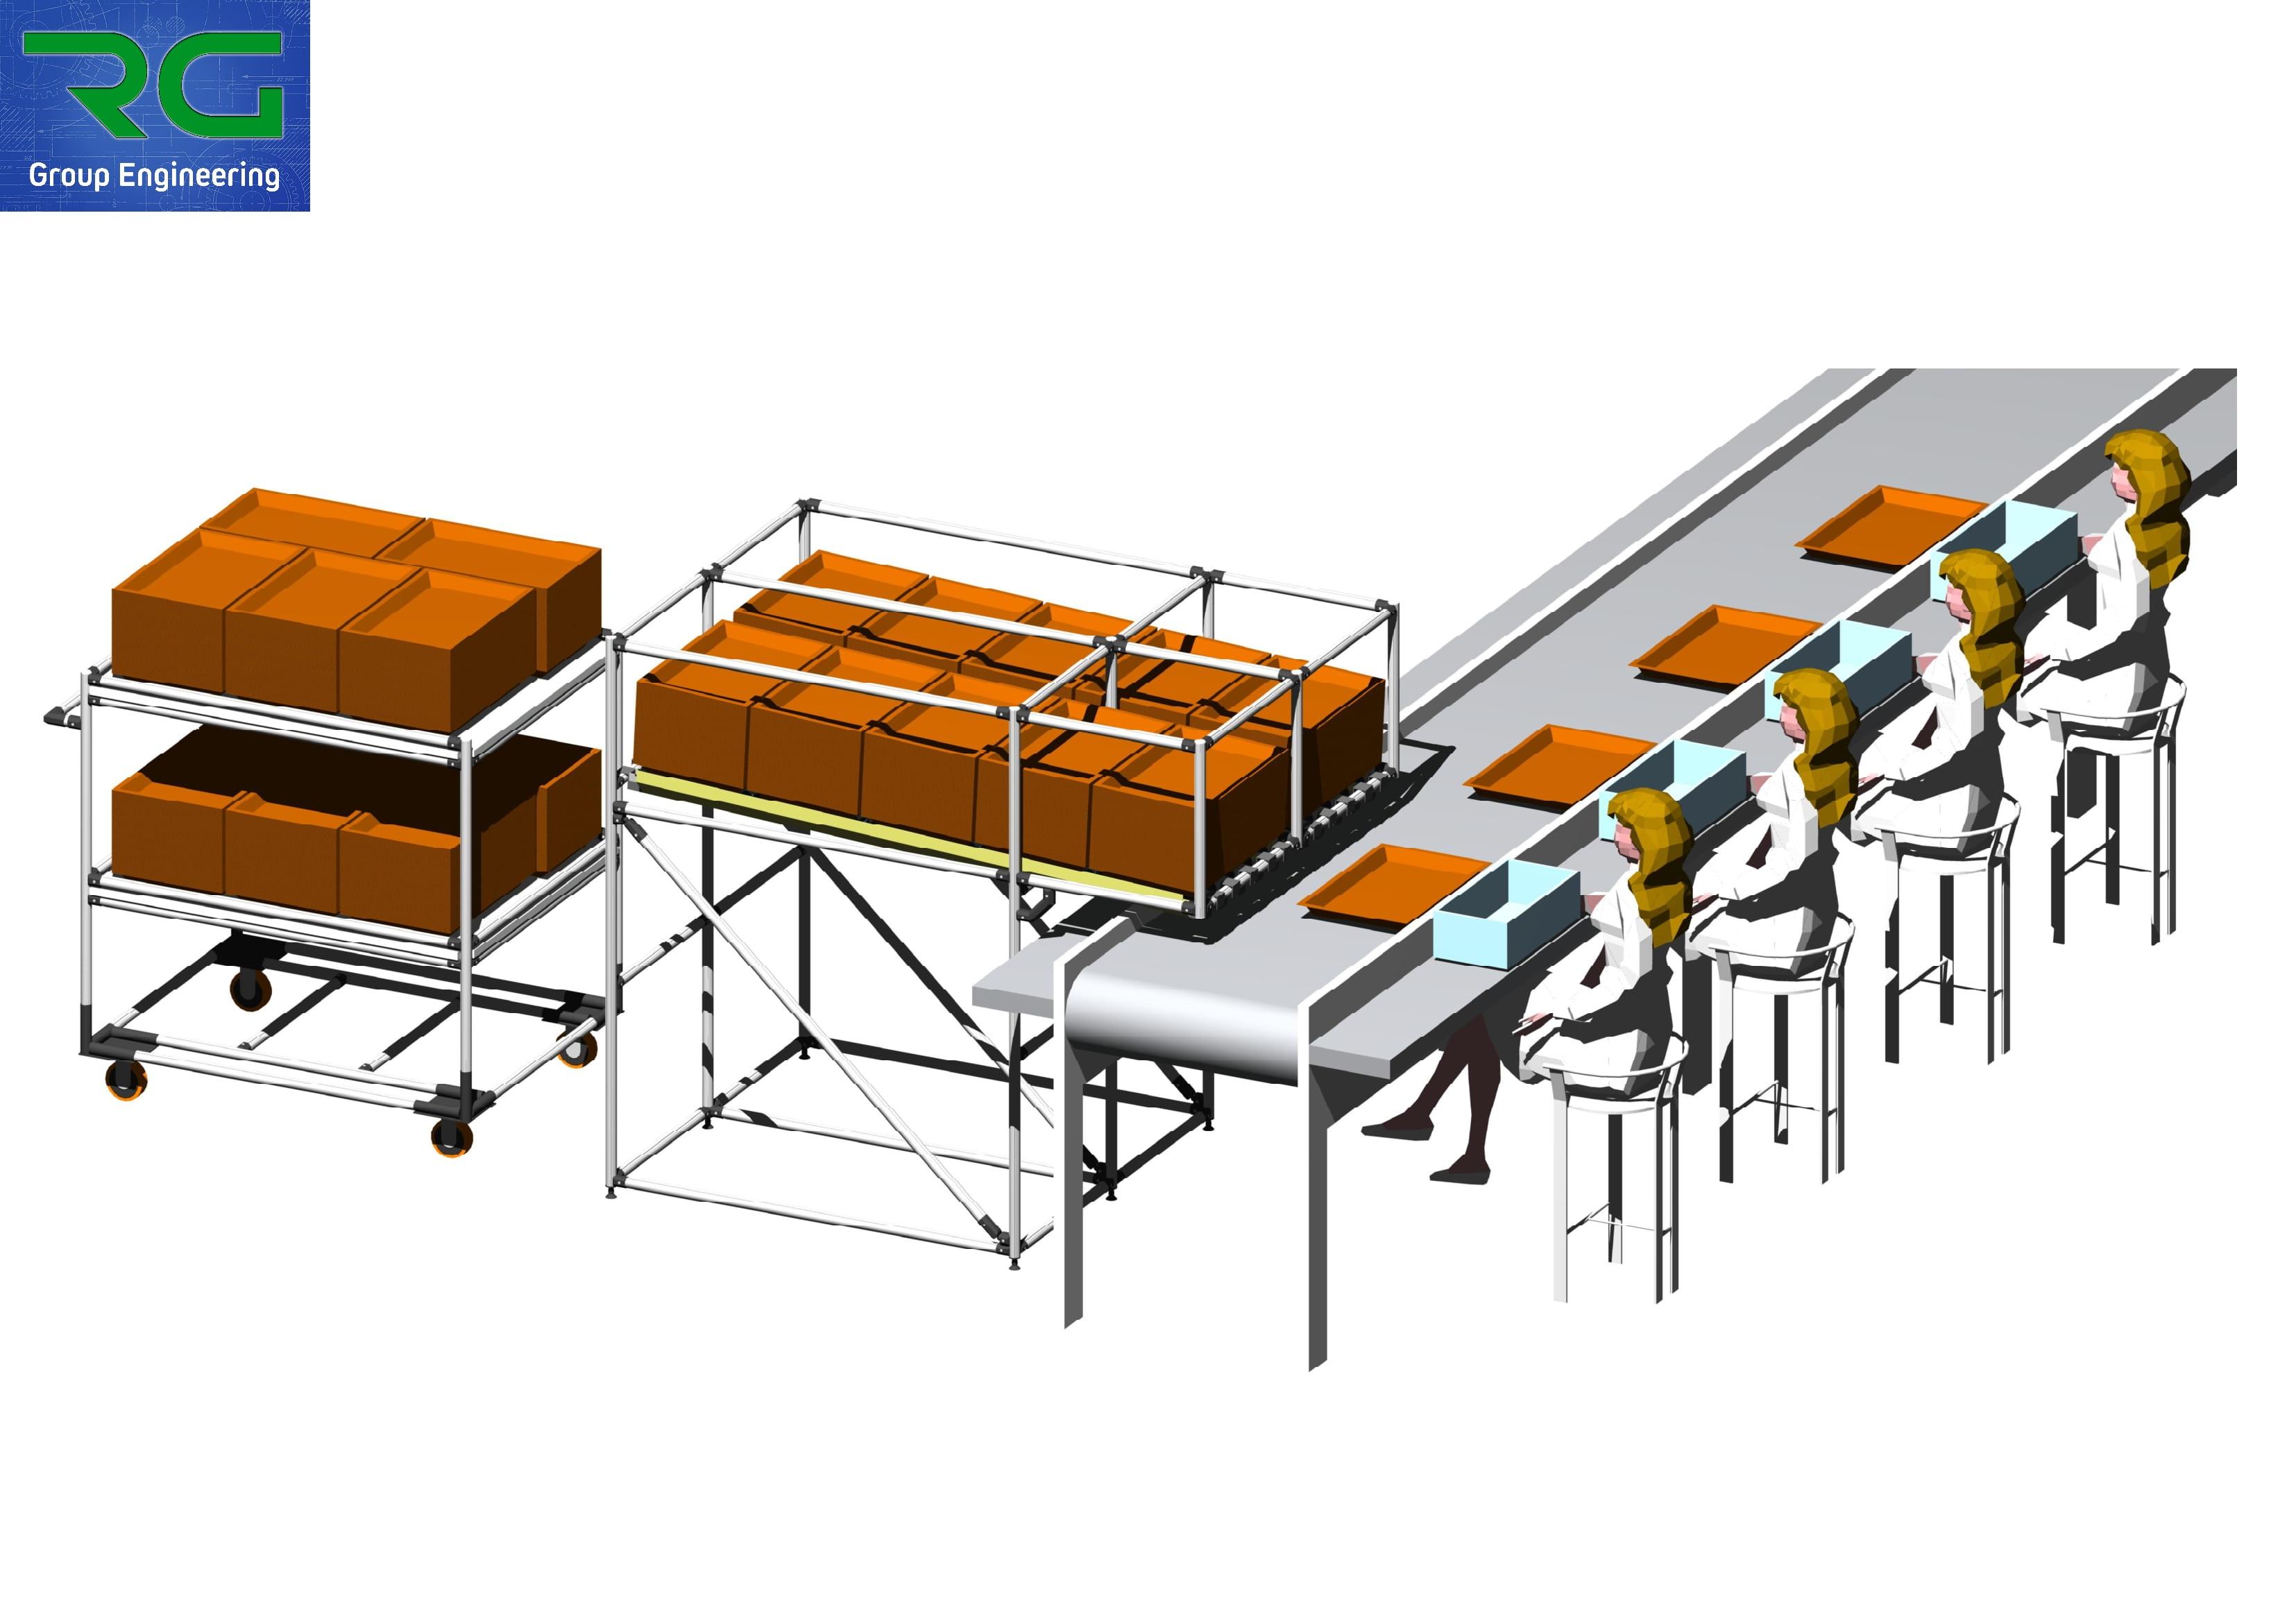 POSTAZIONE (SETTORE ALIMENTARE) Struttura lean statica + struttura dinamica in alluminio per asservimento e riempimento vassoi.